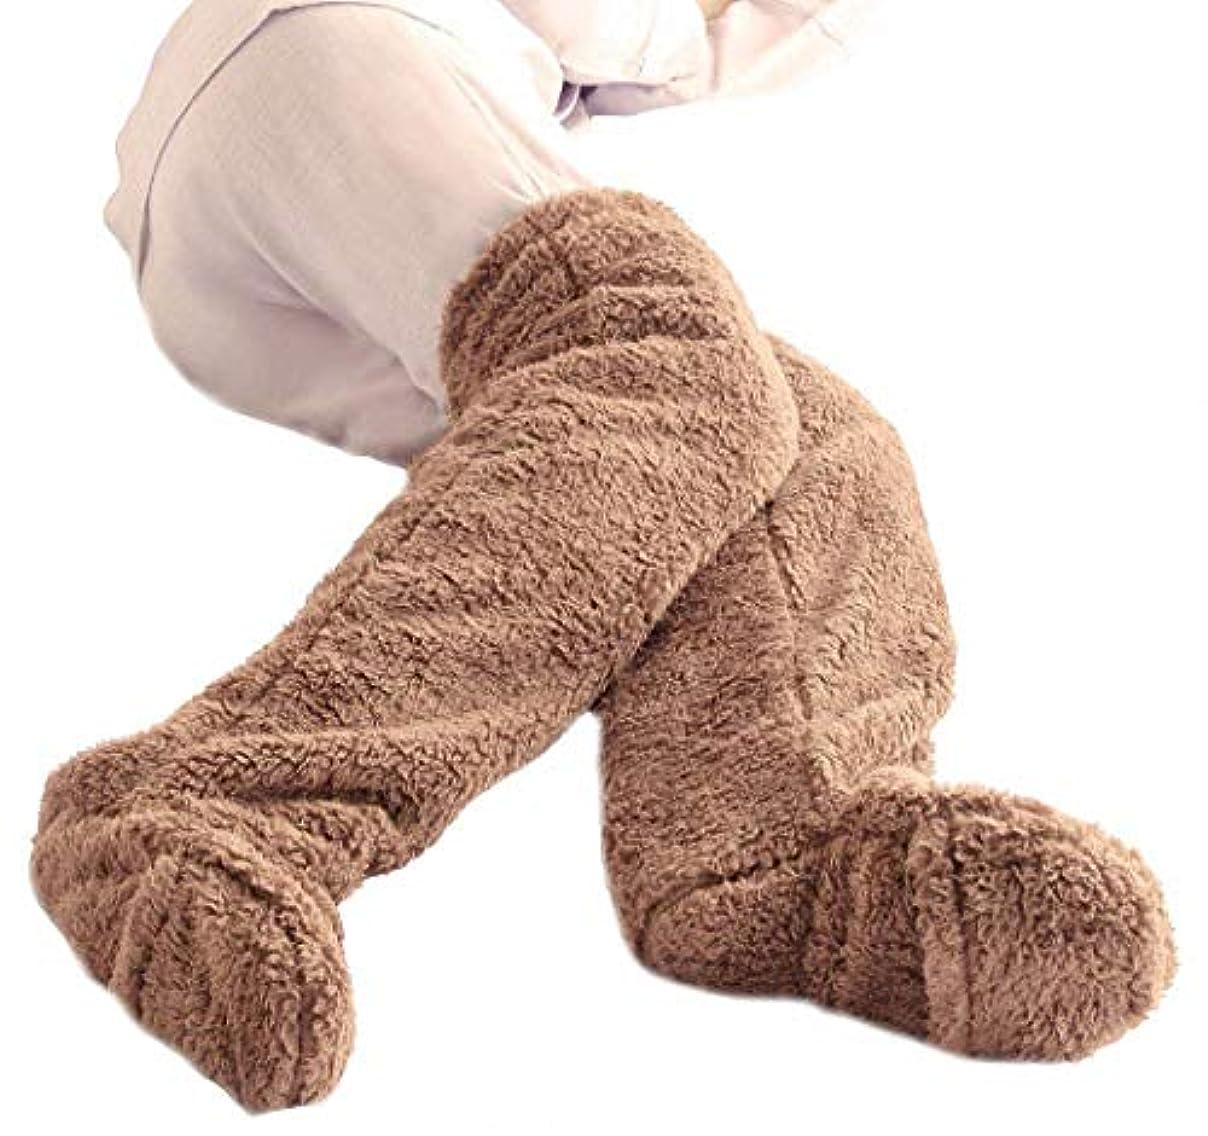 フリース生地 室内履き 足が出せるロングカバー 軽量ヒートソックス 歩ける ロングカバー 極暖 ルームソックスルームシューズ